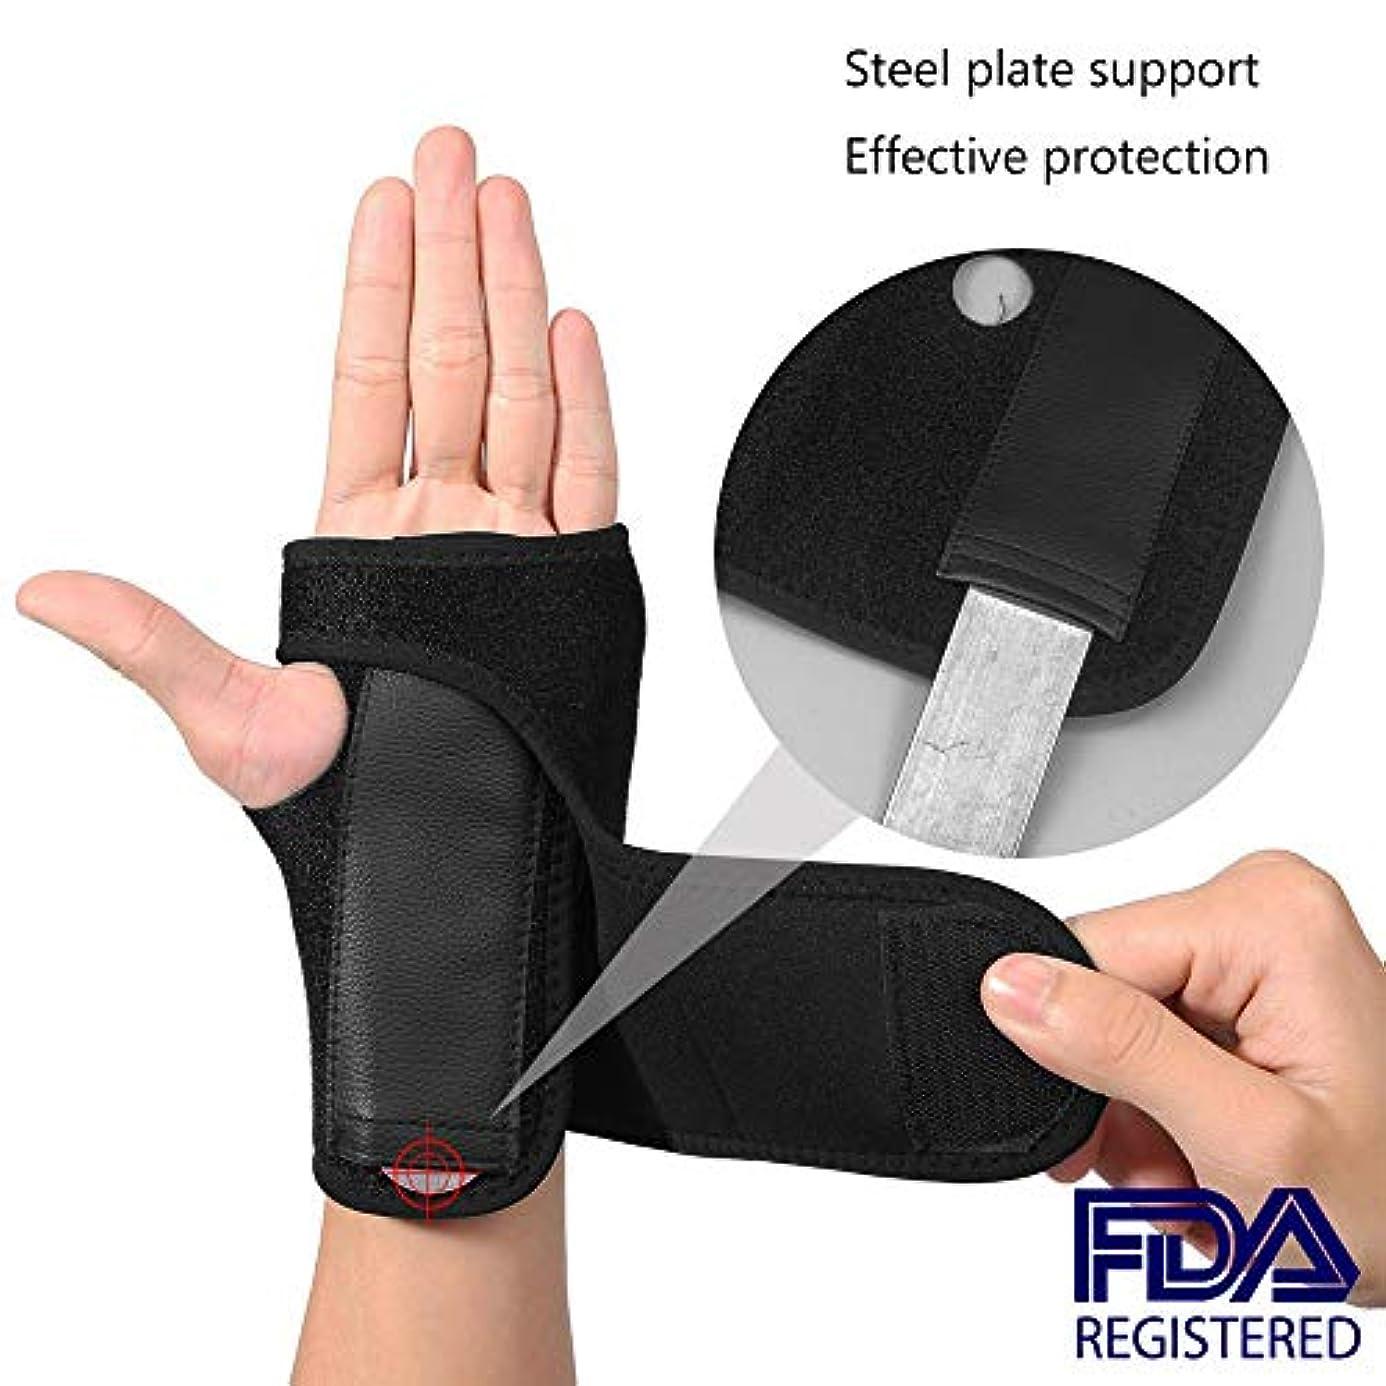 無知まともな調和De Quervainの腱鞘炎、手根管痛、腱炎のためのスタビライザー、関節炎、捻挫、骨折前腕サポートキャスト